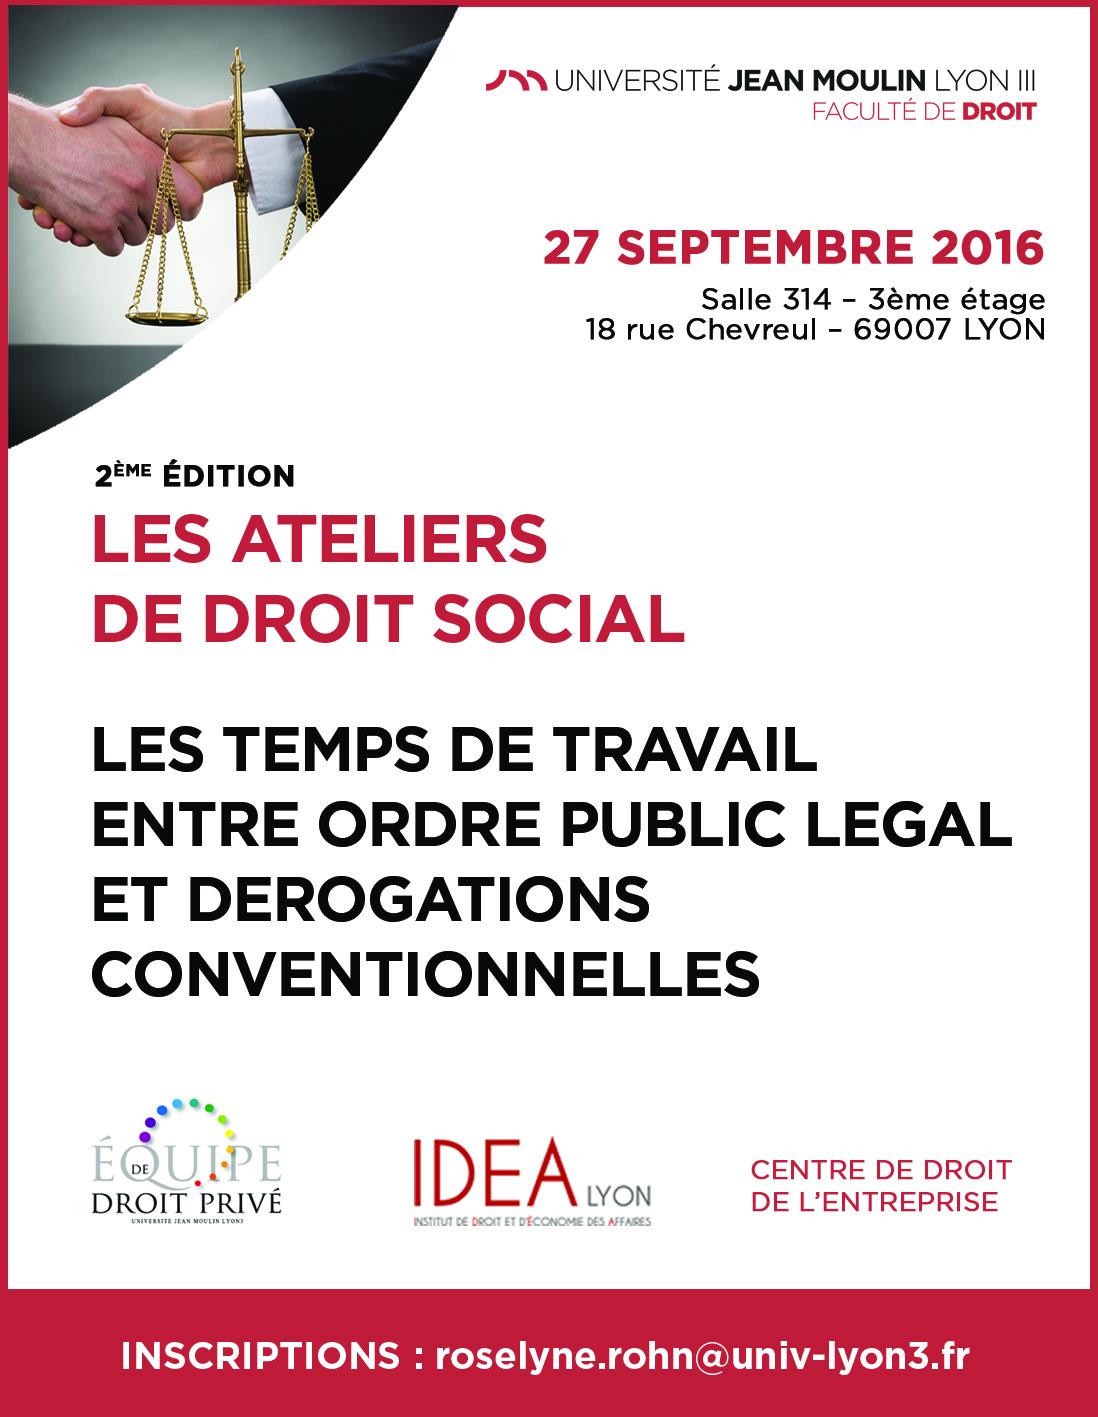 affiche 2ème édition ateliers de droit social